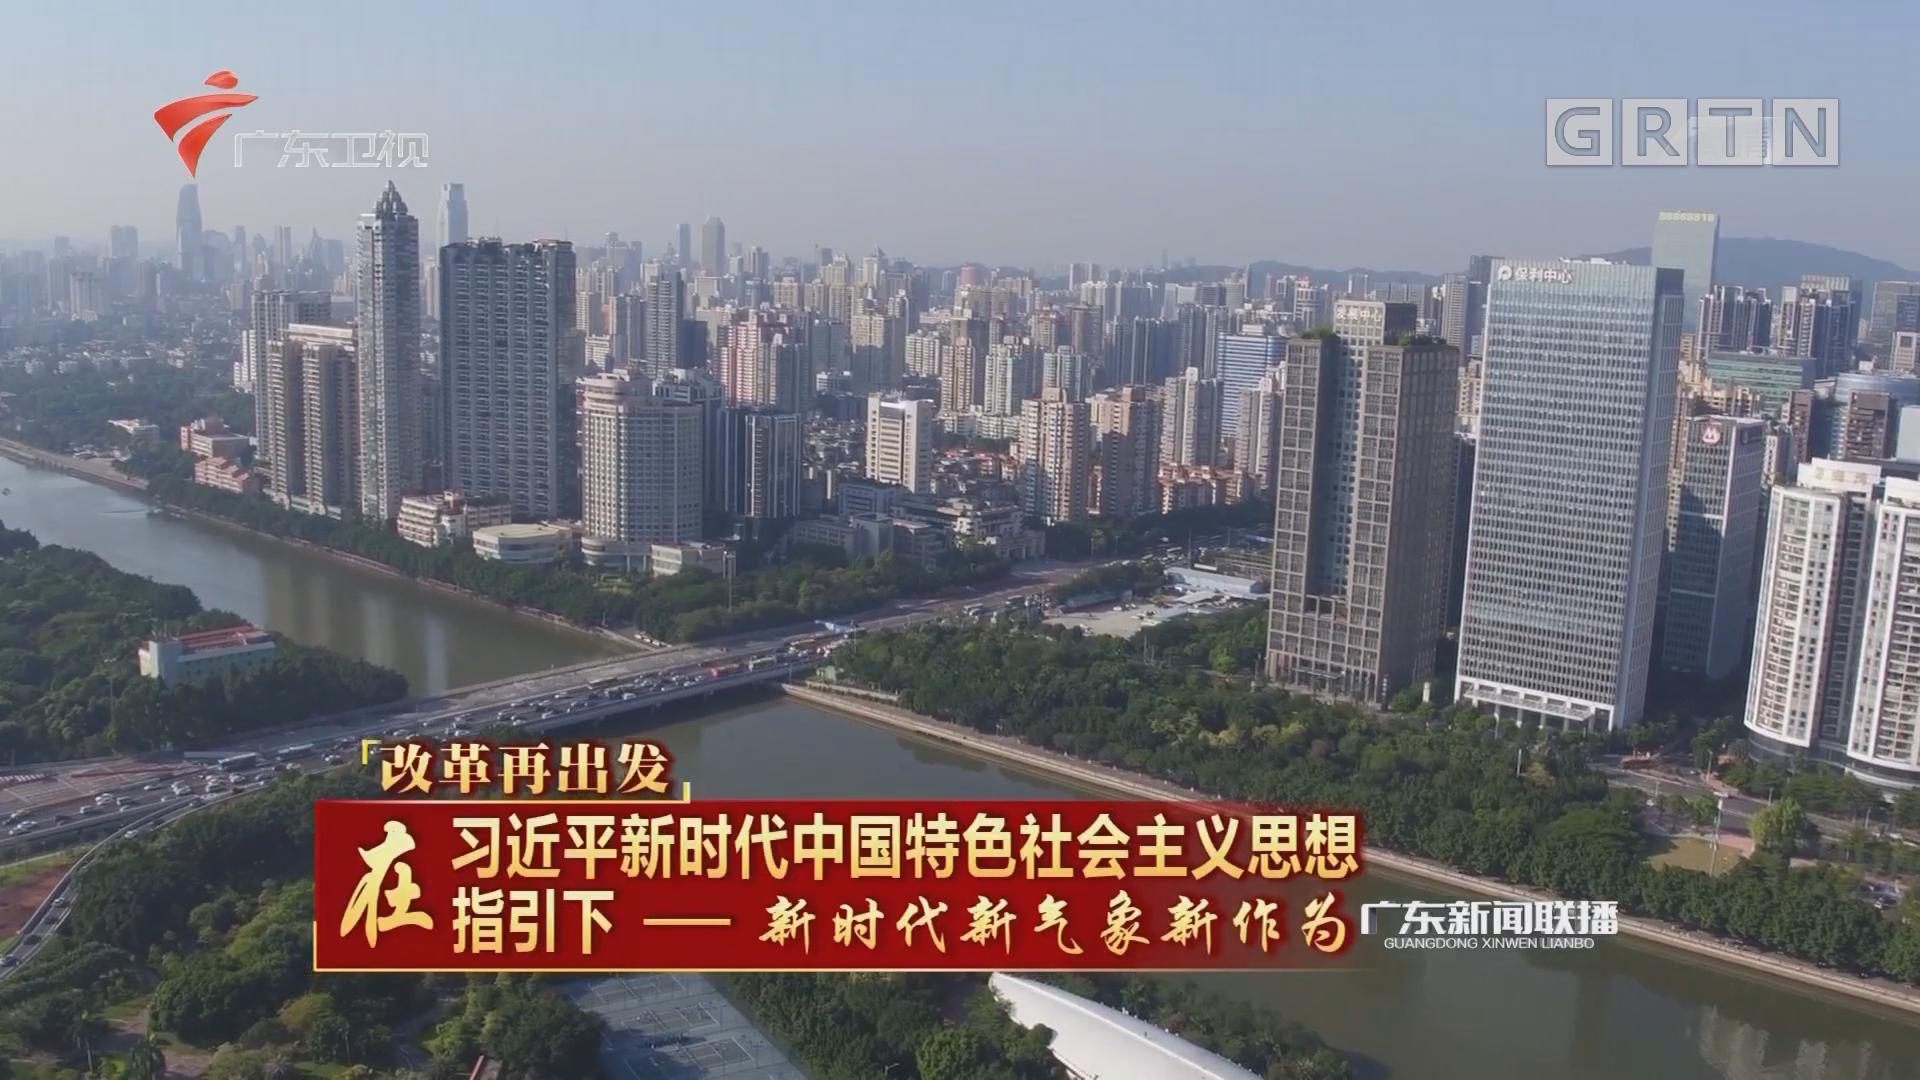 广州:推进简政放权 激发创新活力